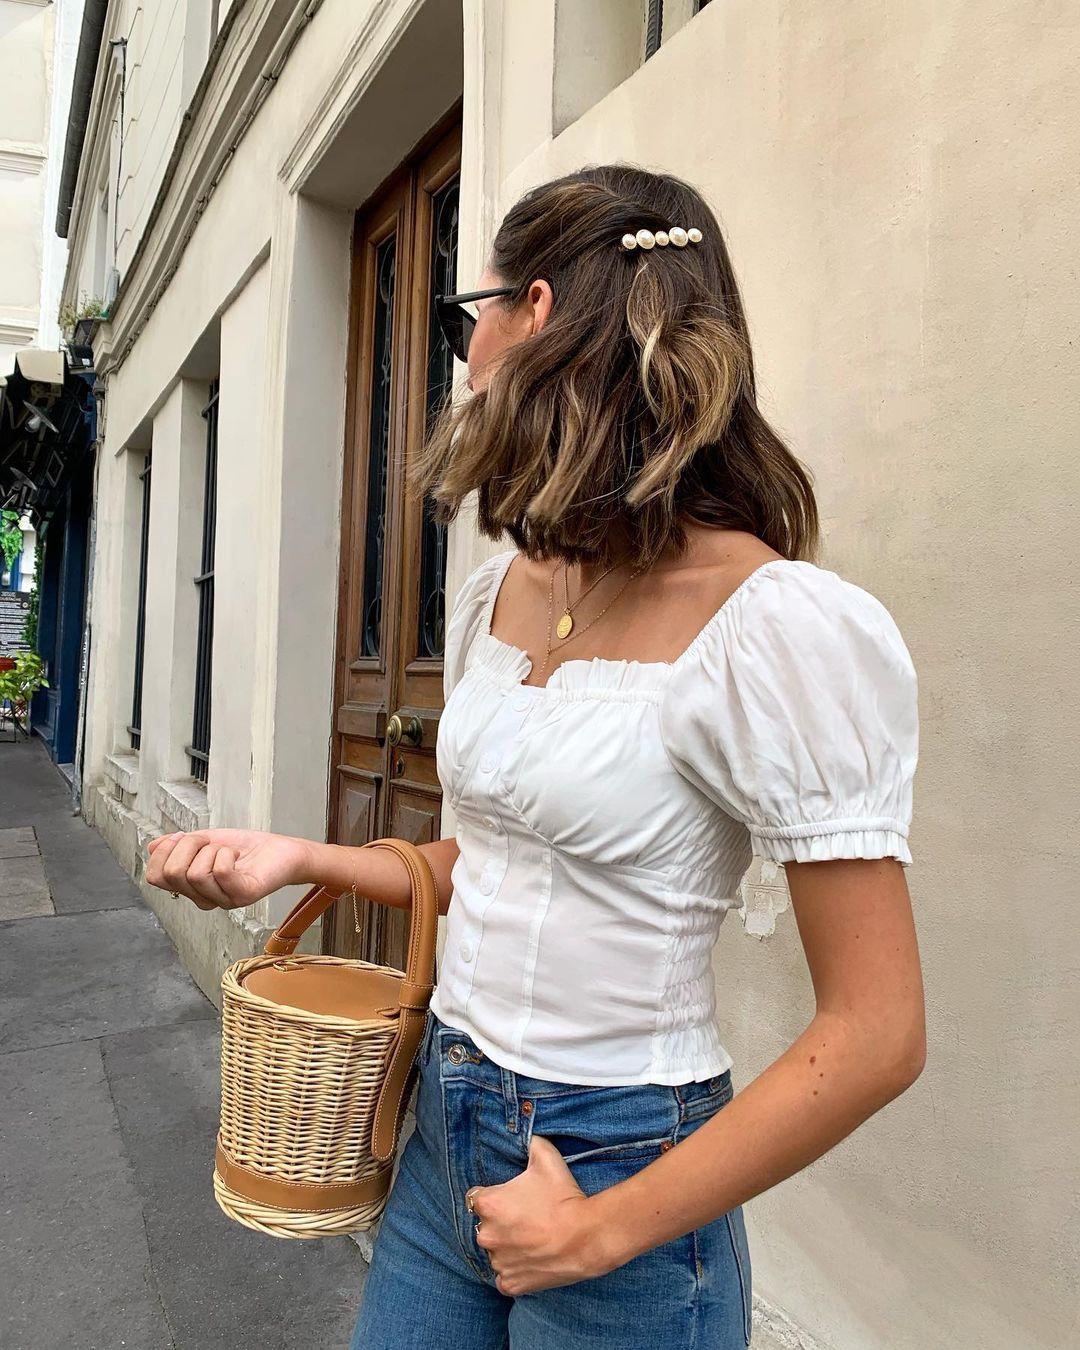 Gái Pháp tóc ngắn không suốt ngày xõa xượi mà có đến 6 cách tạo kiểu đẹp và sang ngây ngất